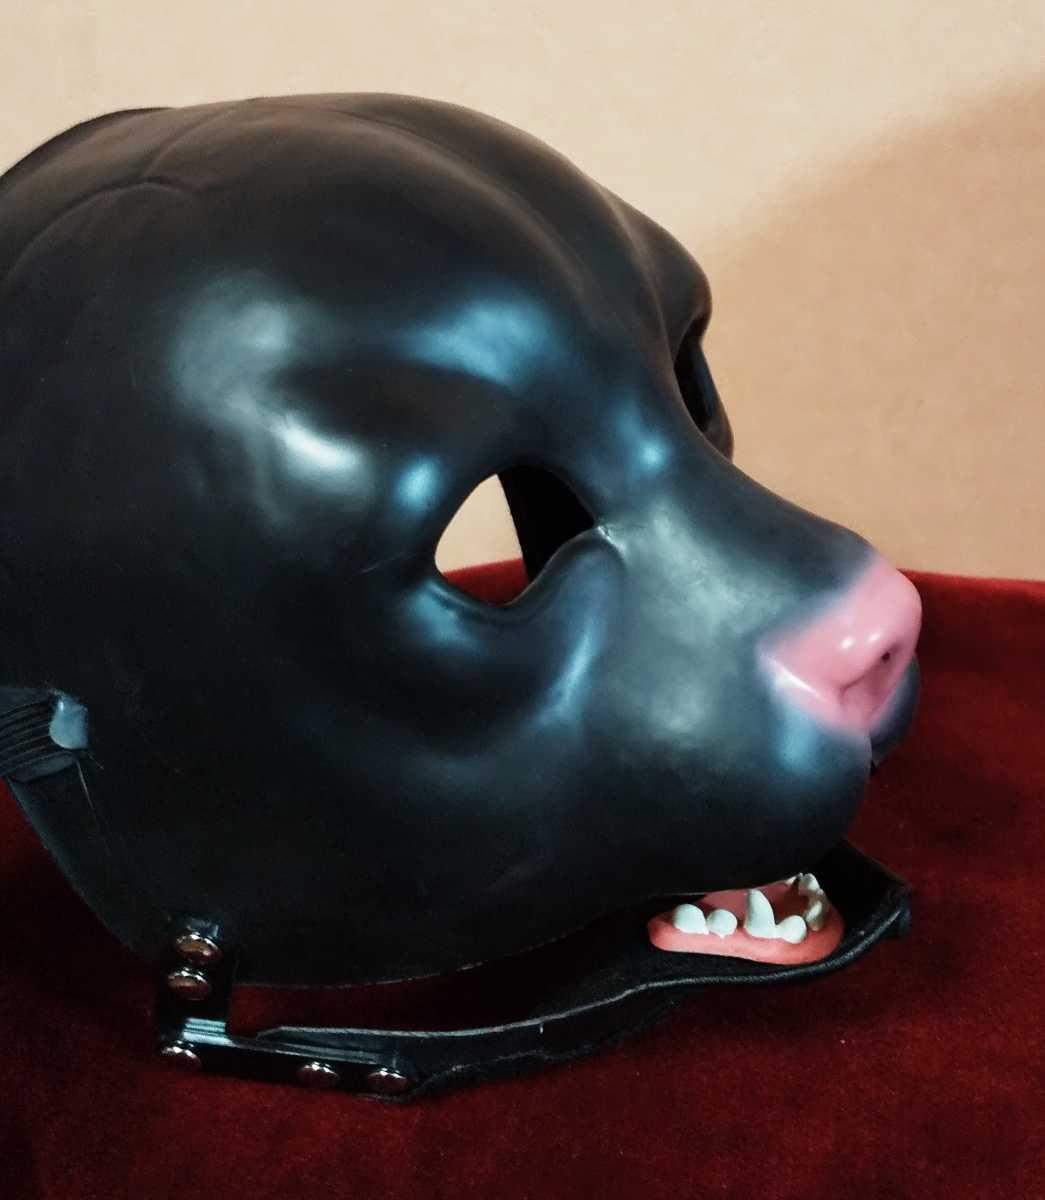 gasumaru獣マスク コスプレ 動物 ホラー ドロヘドロ 猫 犬 狼 猿 能面 フェティッシュ ボンテージ SM 軍装